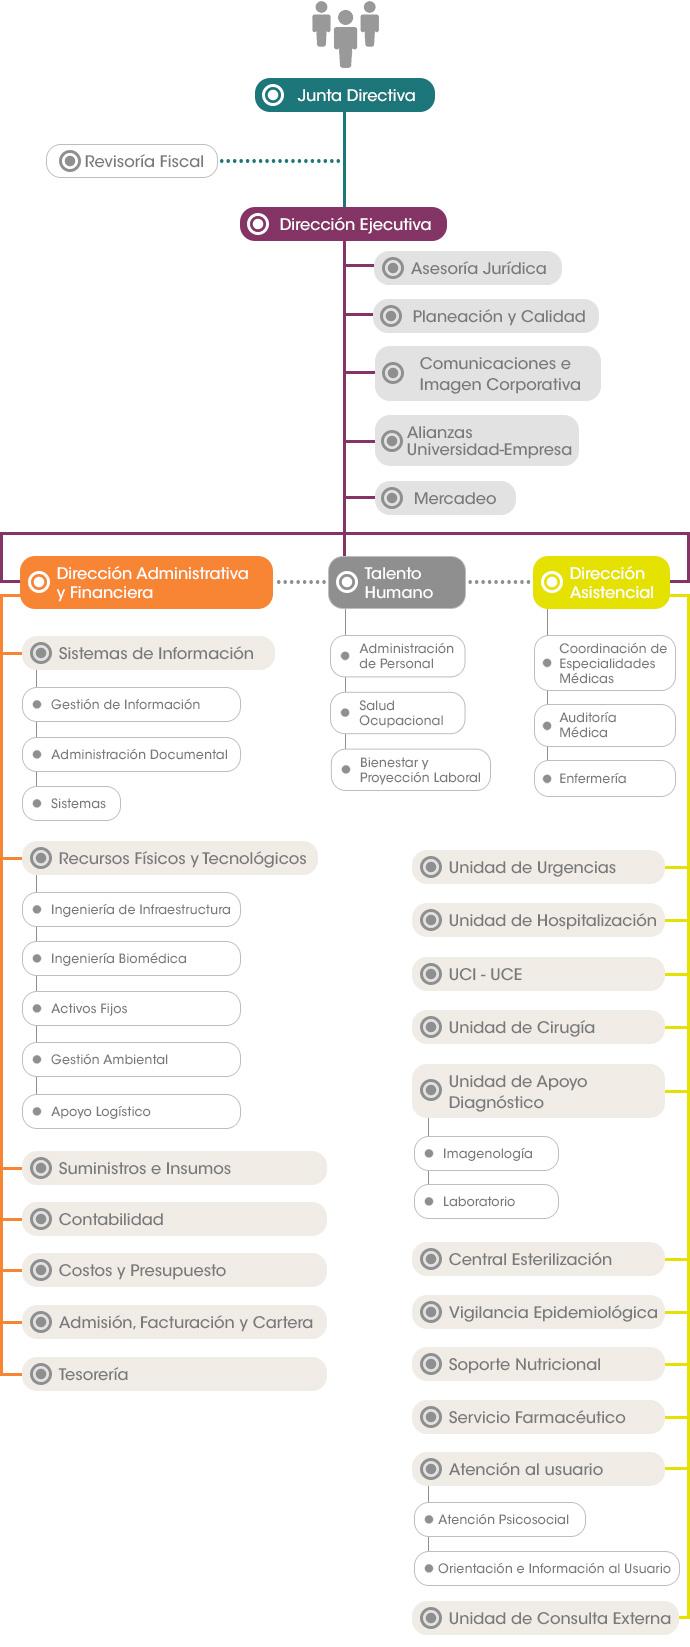 organigrama estructura funcional según procesos (1)